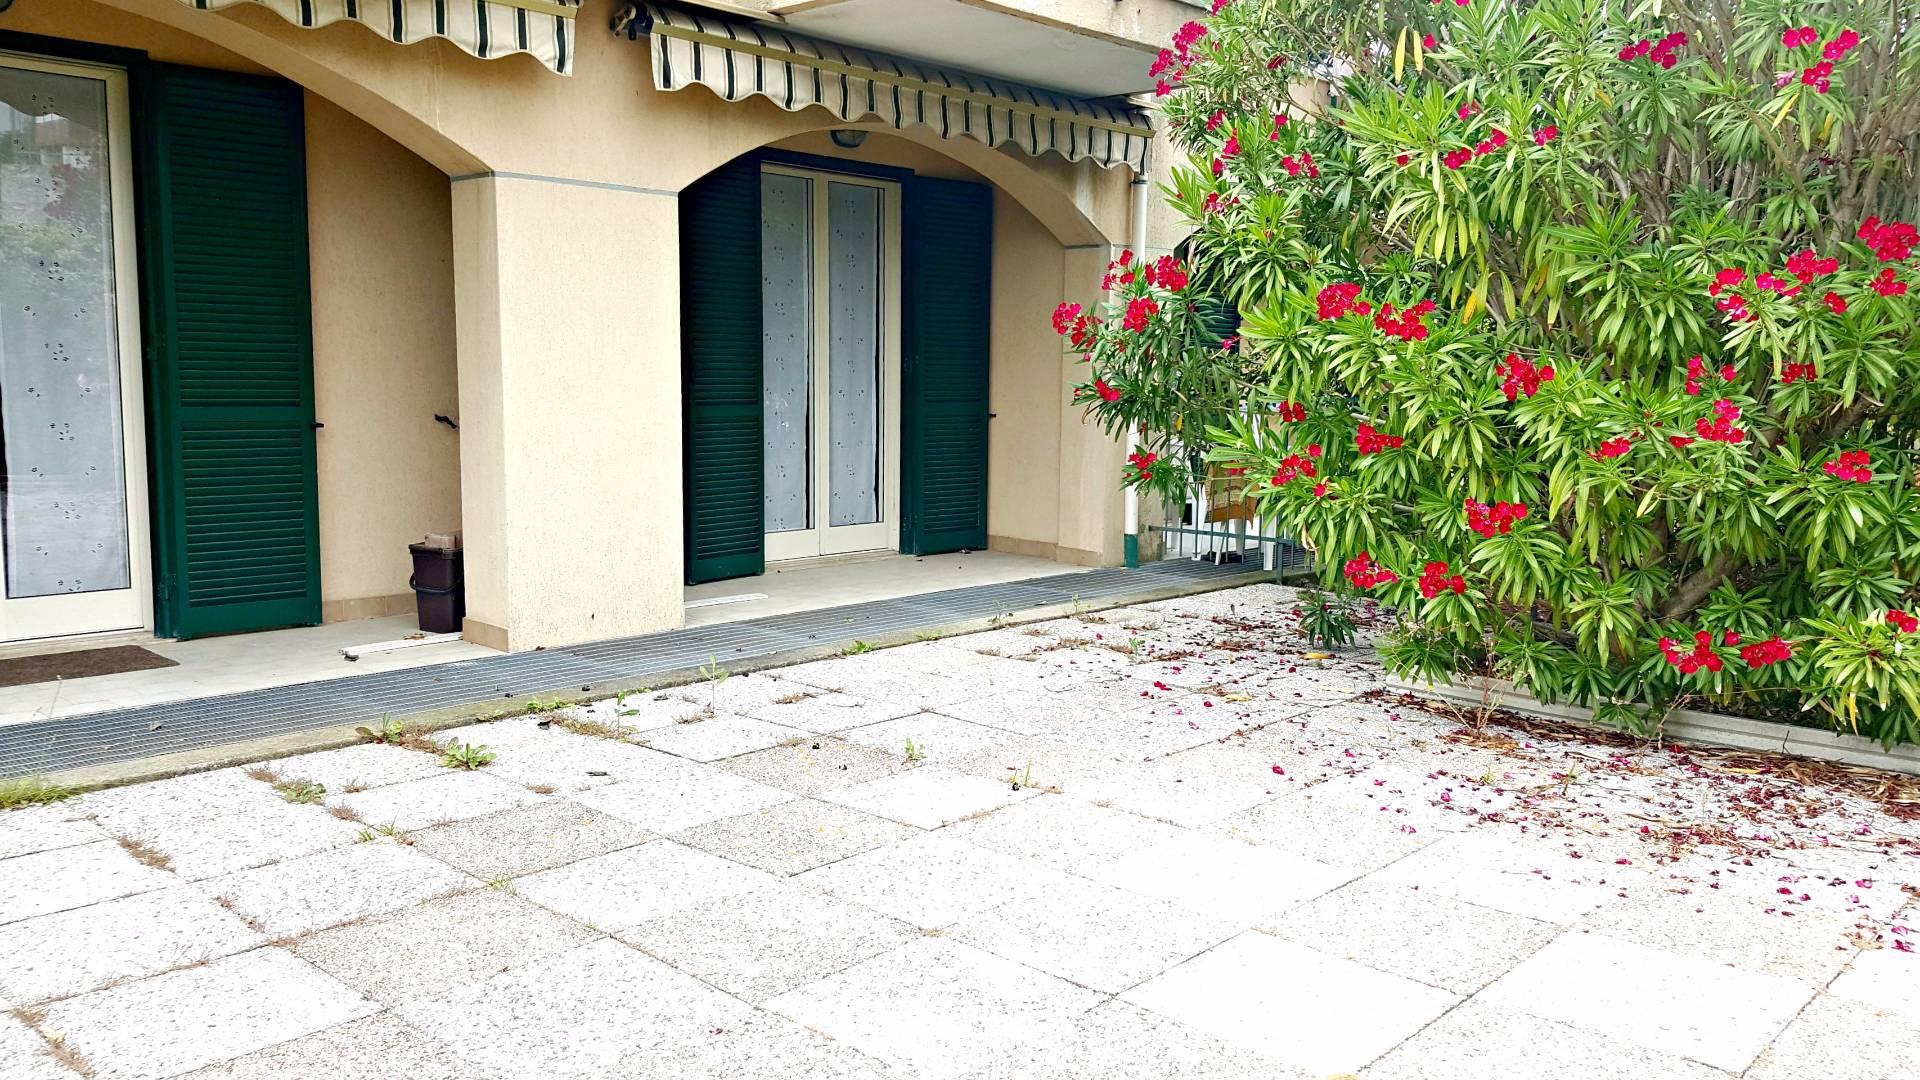 Appartamento in vendita a Villanova d'Albenga, 2 locali, prezzo € 120.000 | CambioCasa.it